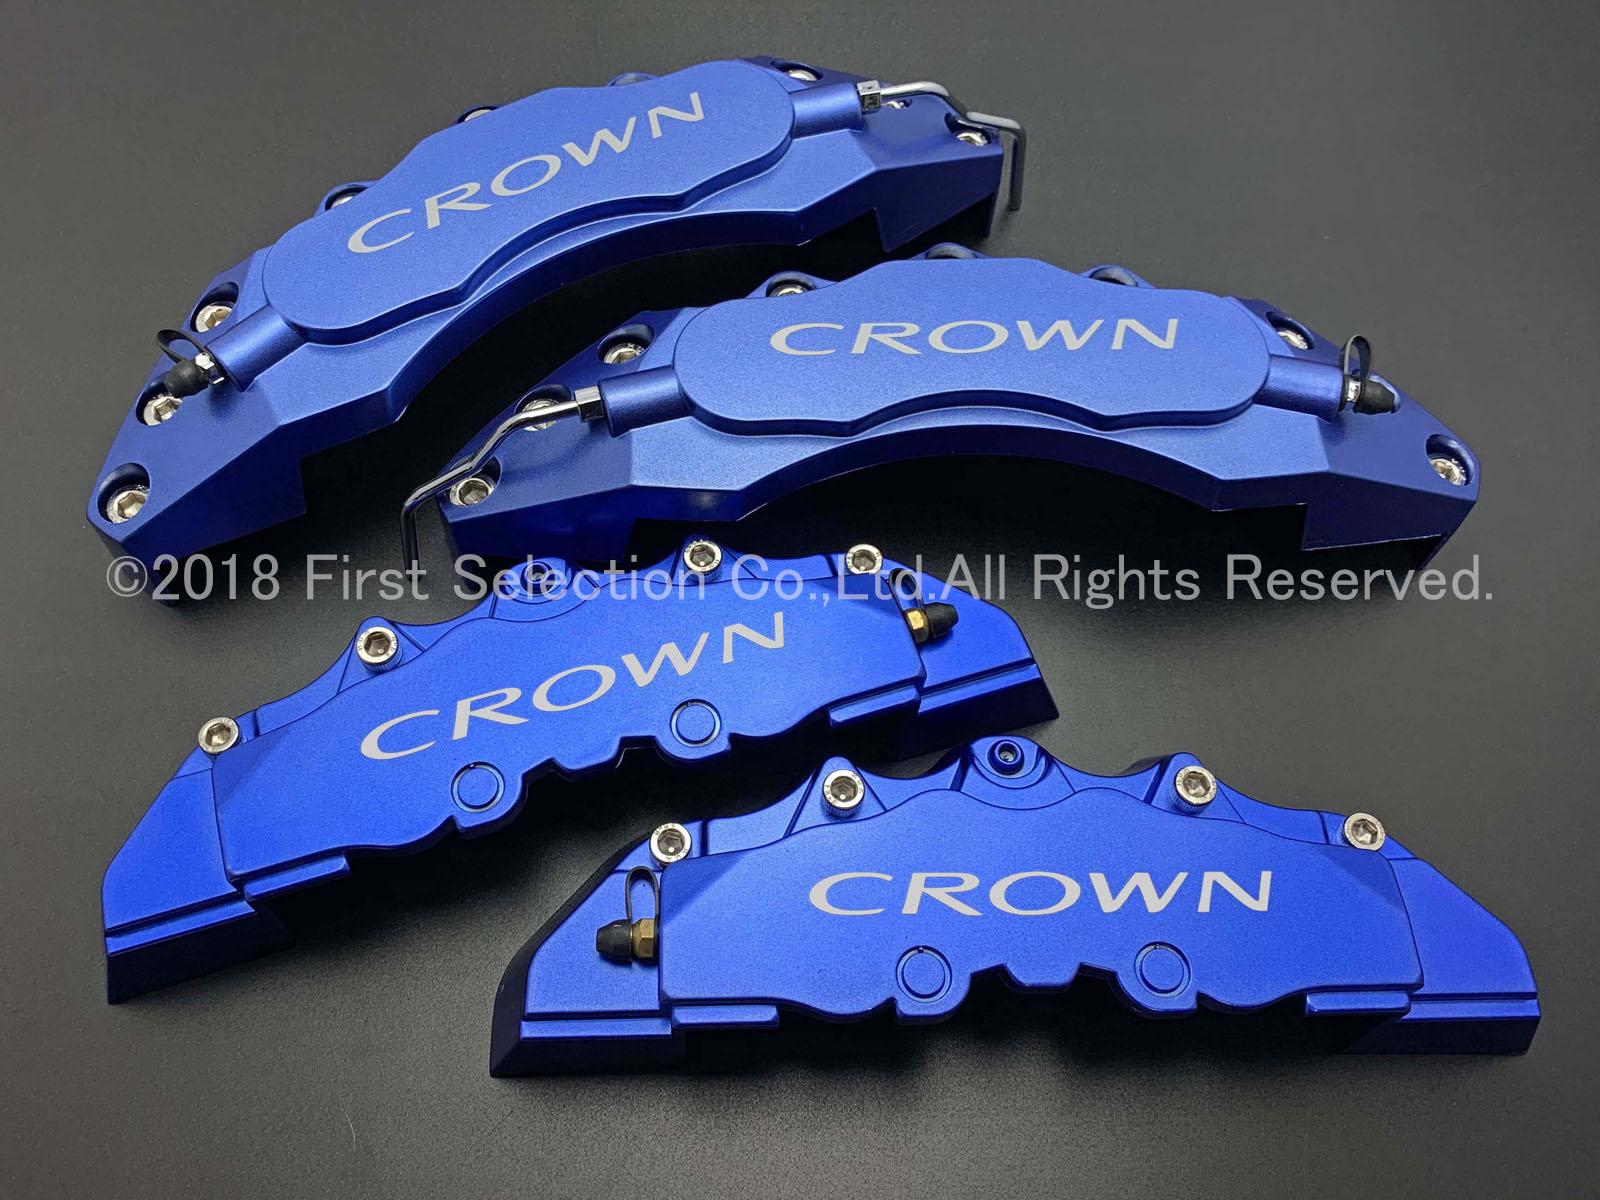 トヨタ車クラウン CROWNロゴ銀文字 汎用高品質キャリパーカバーM青 L/Mサイズセット